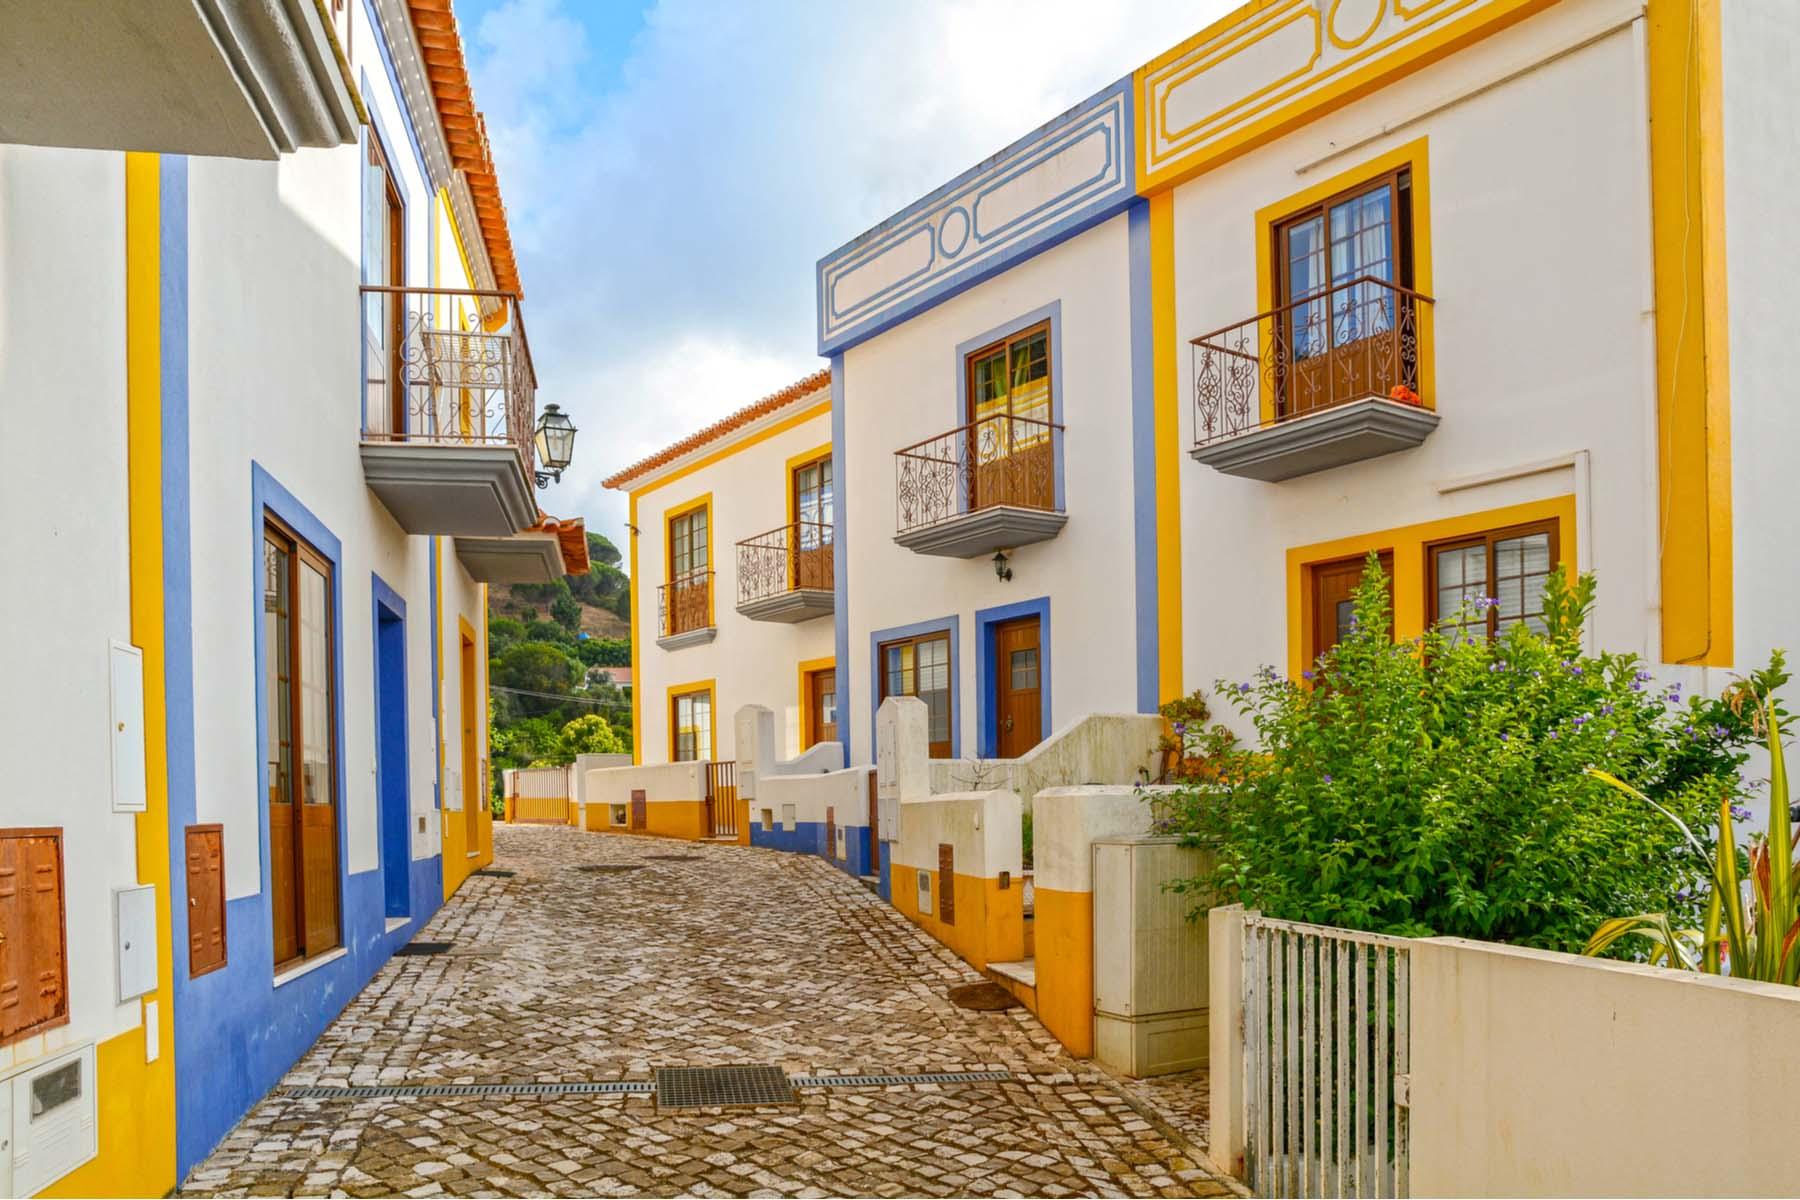 Portuguese mountain town